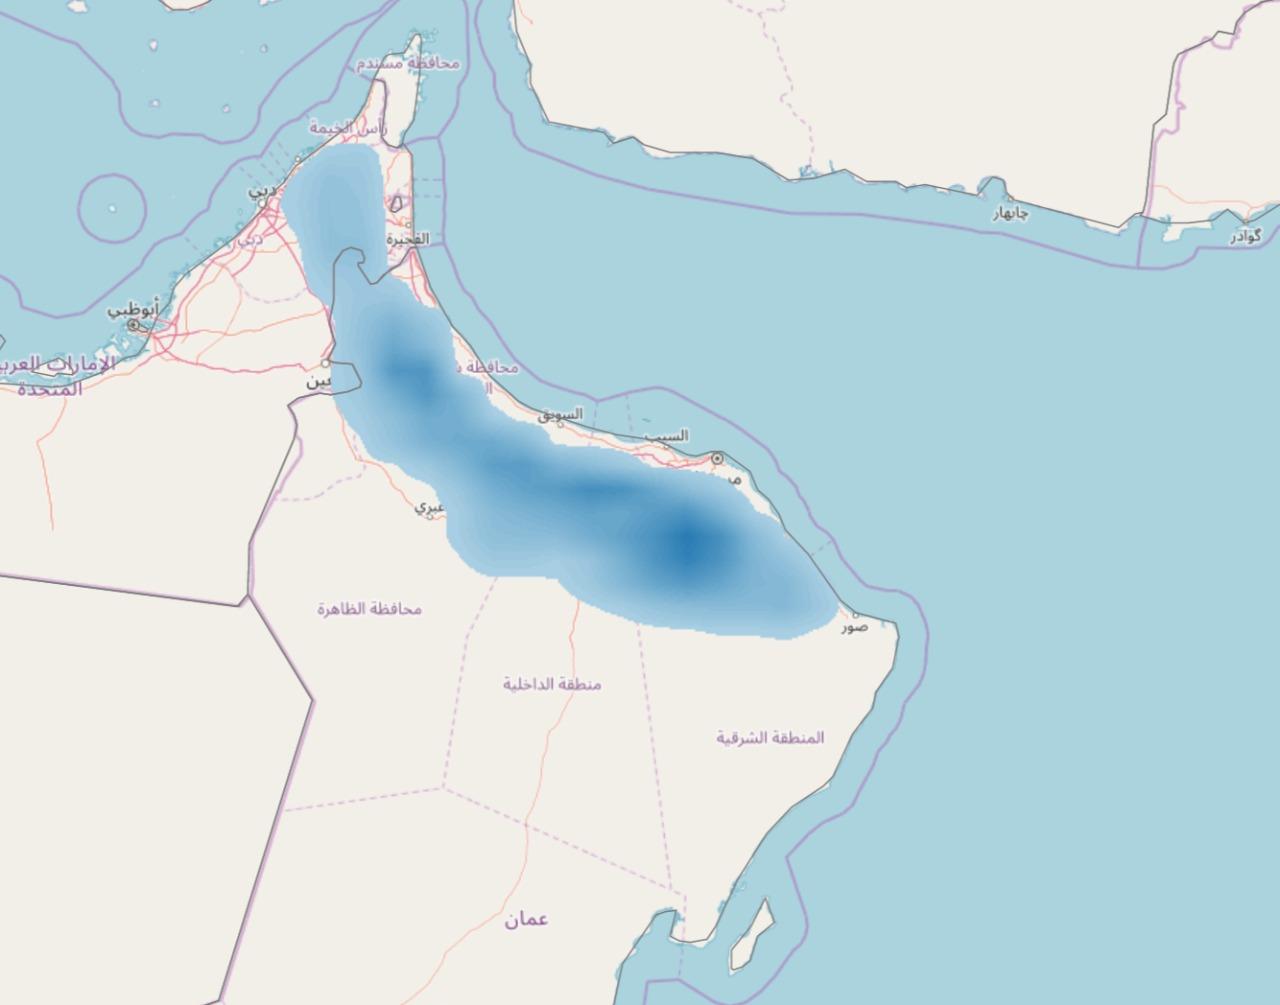 نشاط تكونات محلية على سلطنة عمان والأمارات